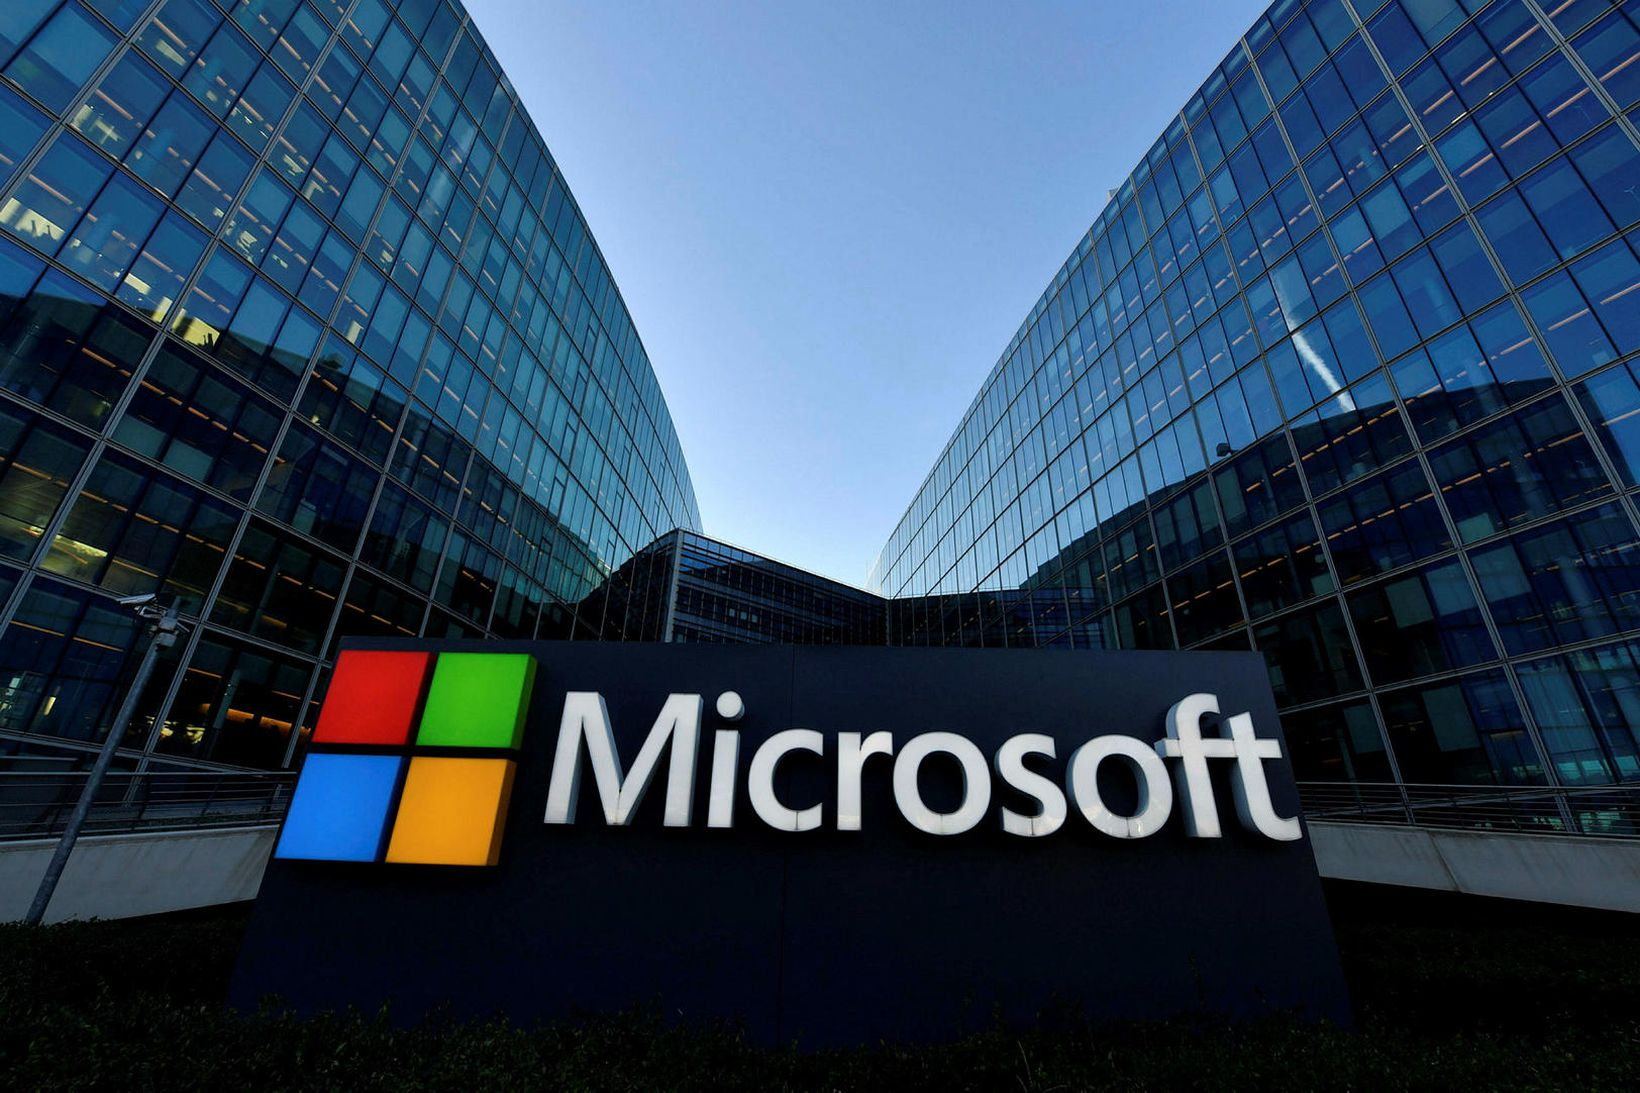 Microsoft hefur ekki viljað tjá sig um orðróminn.